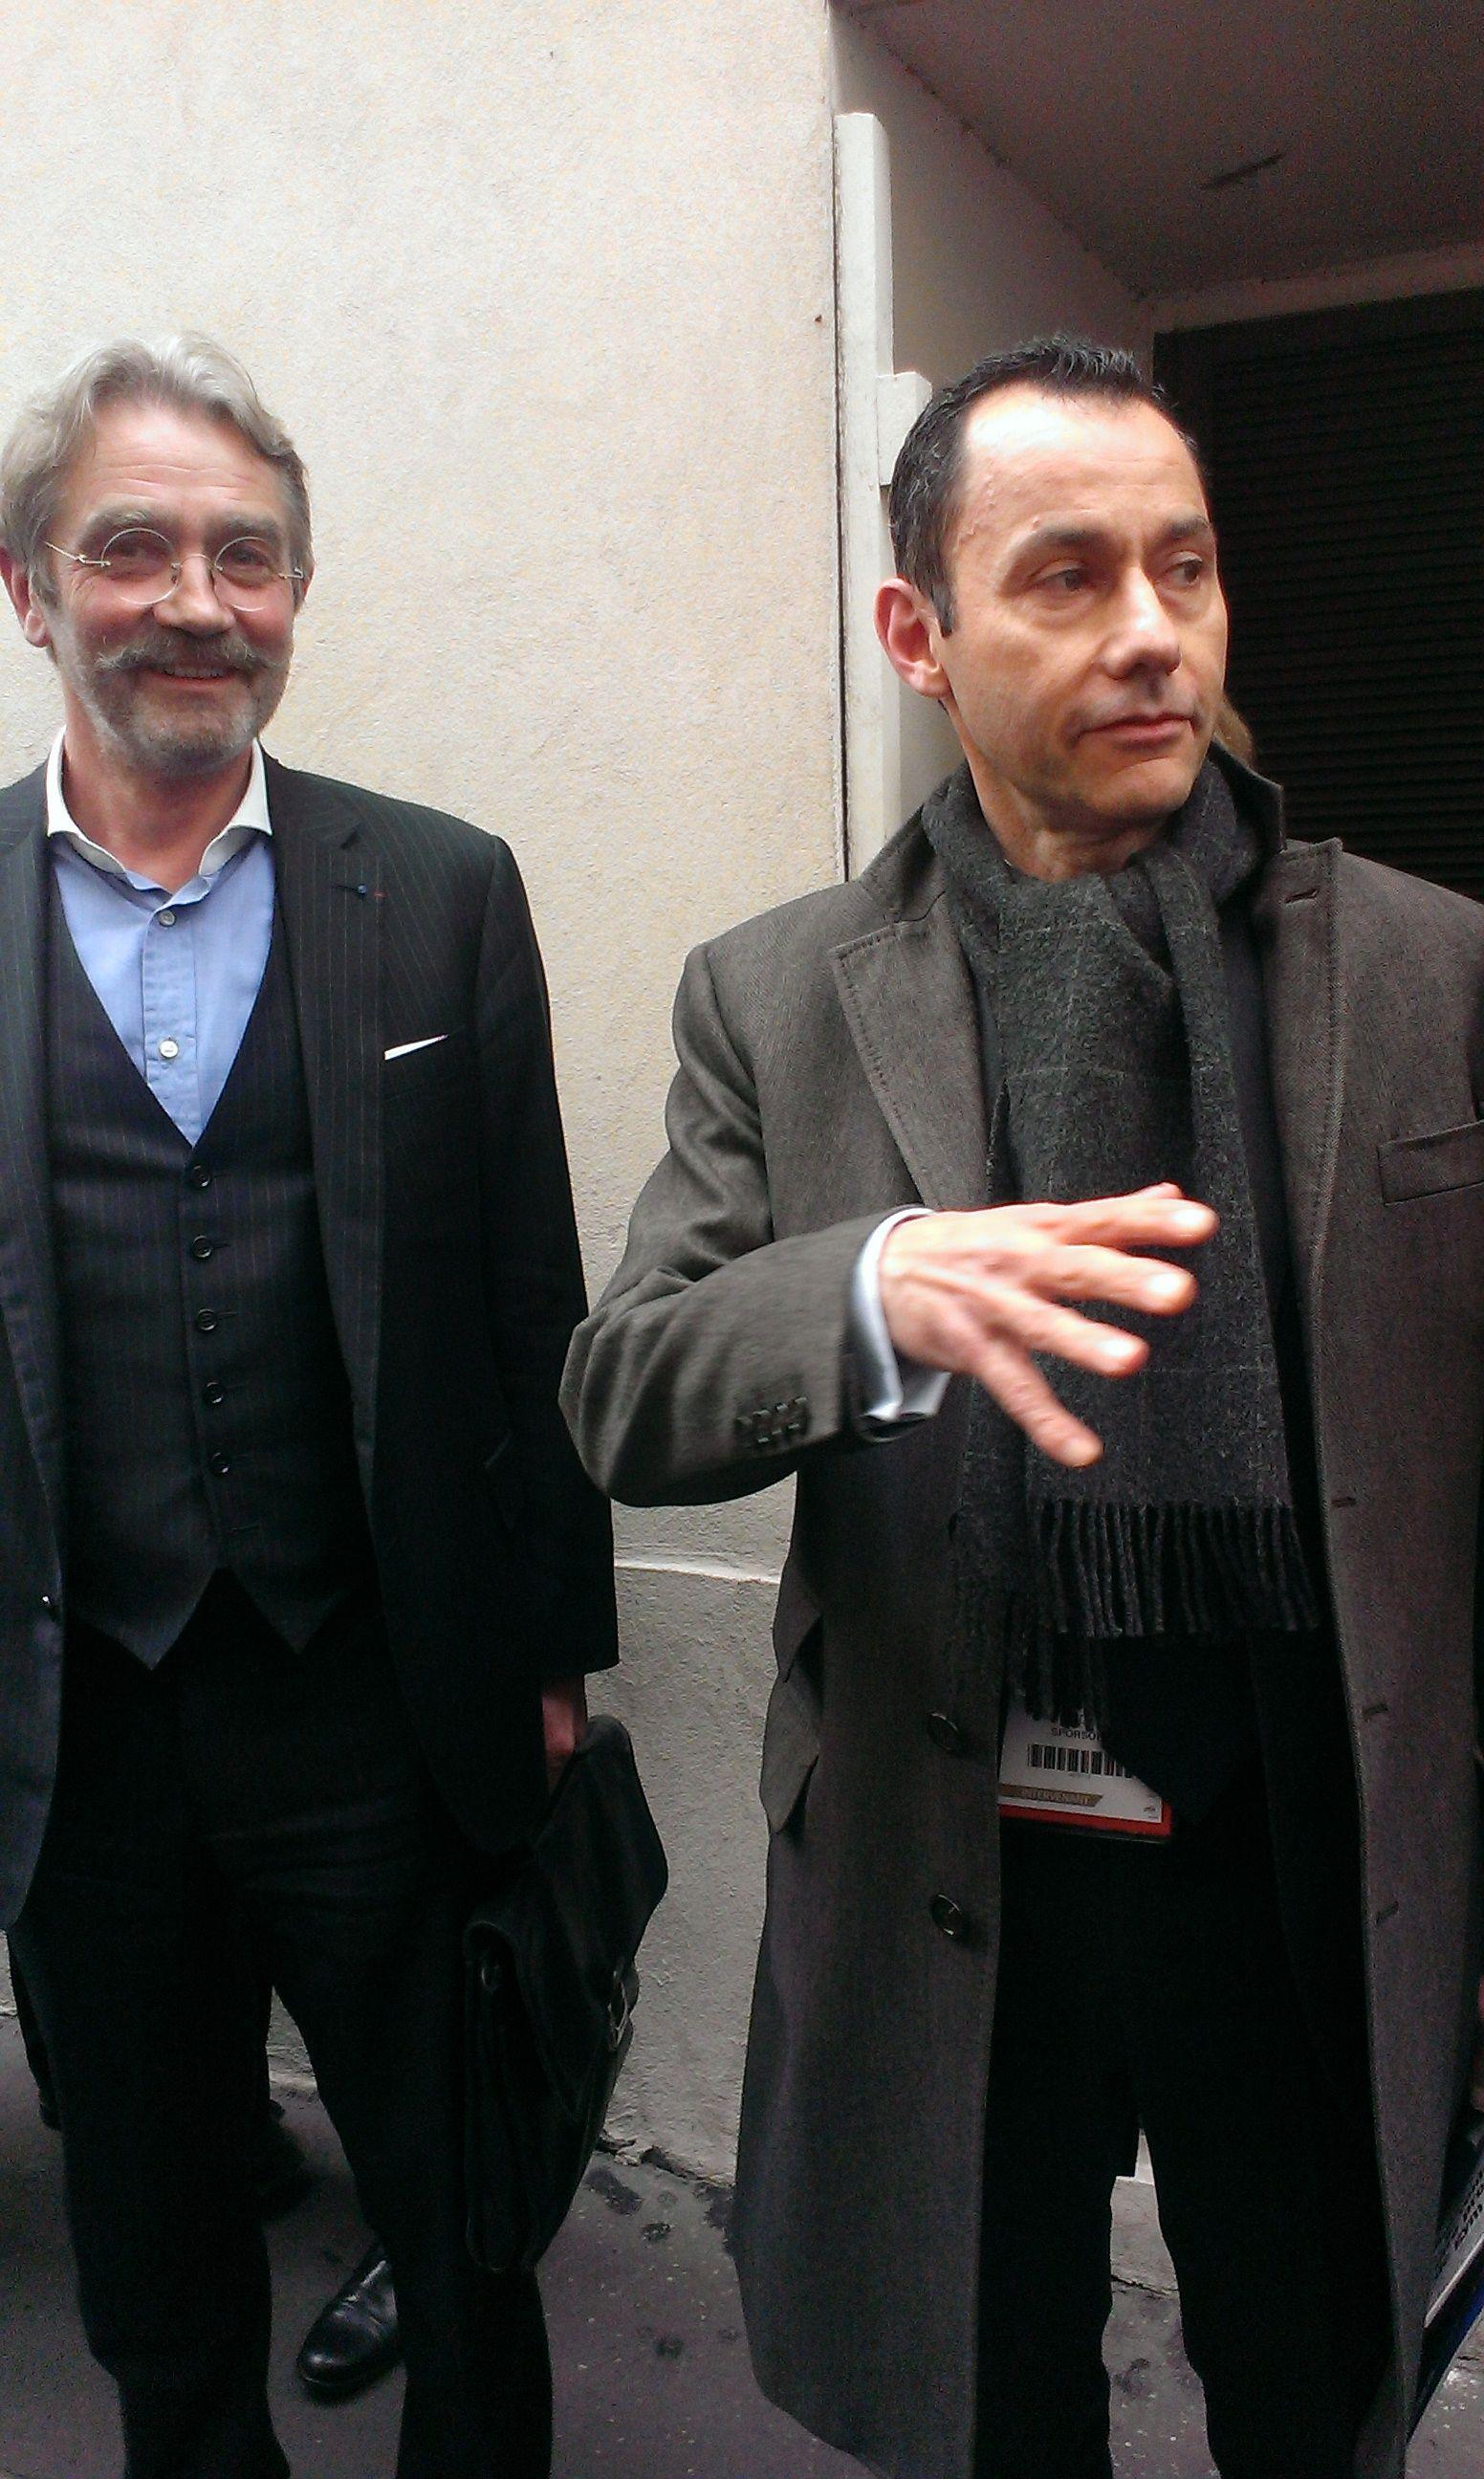 Fin de Meeting Sporsora : Paris 2013...merci la CGT.